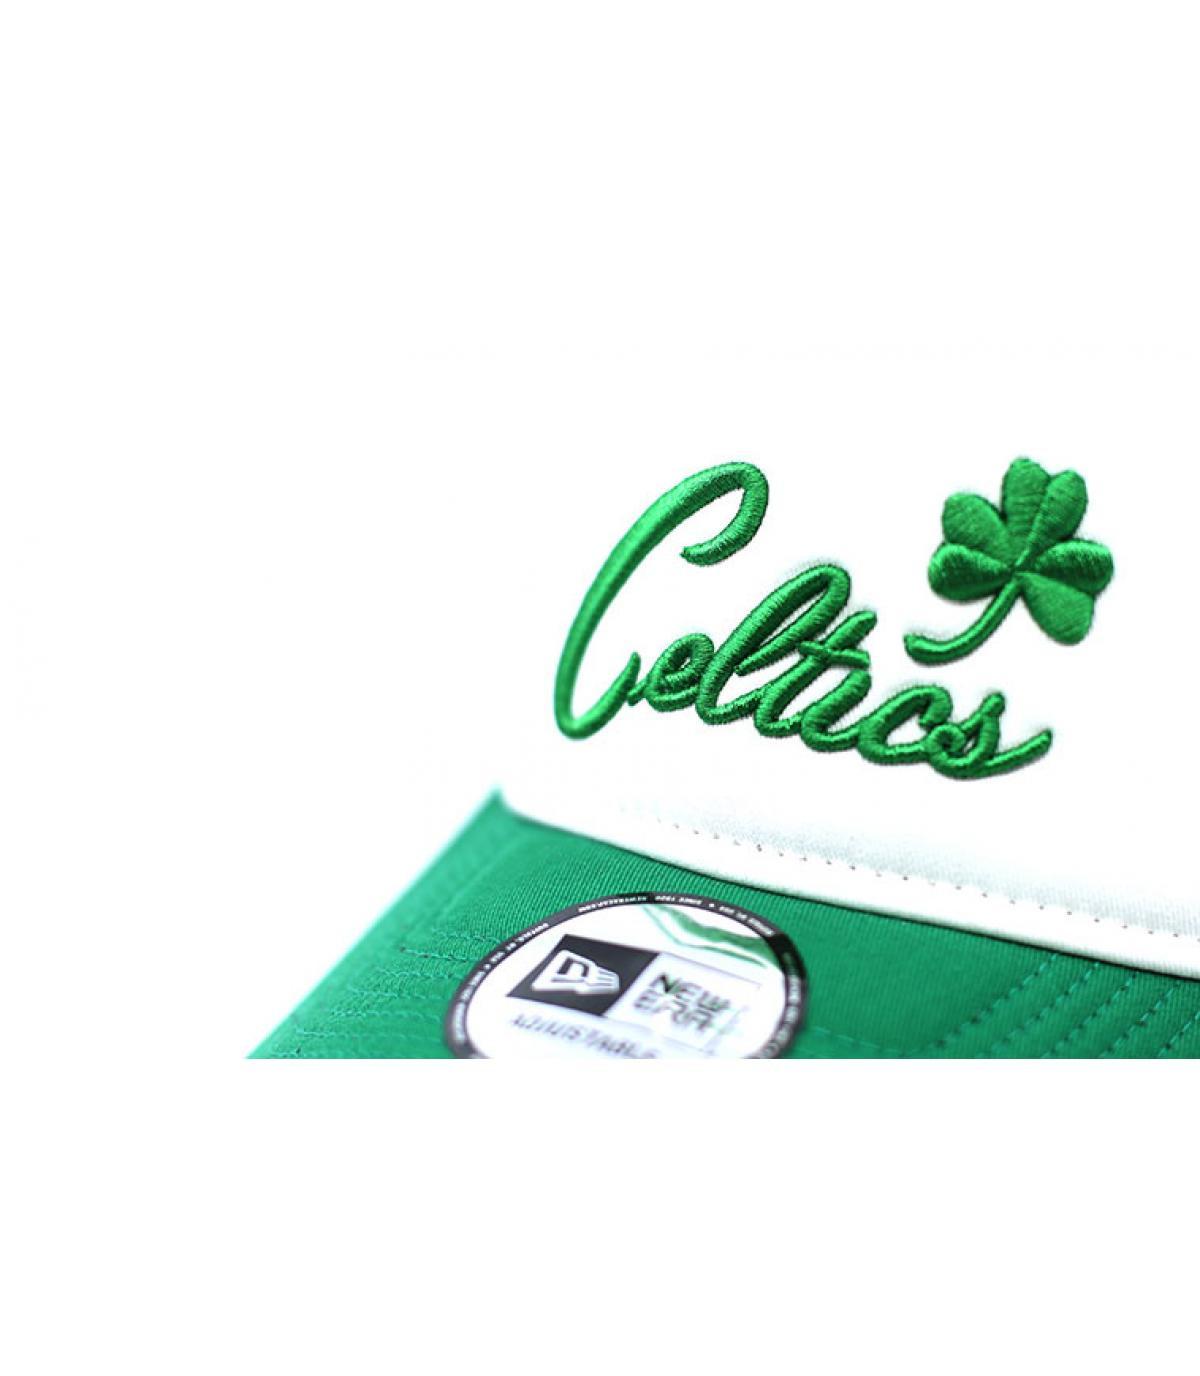 Détails Trucker Celtics Color block - image 3